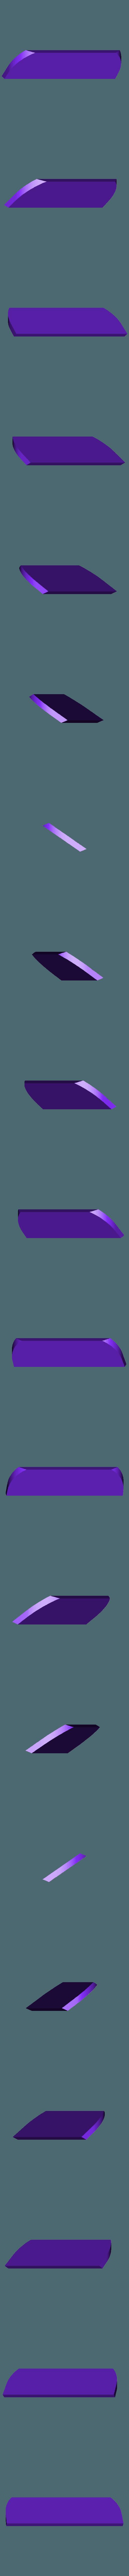 Vent_1.stl Télécharger fichier STL gratuit Mario + Lapins Crétins - Plumer's Helper Boomshot • Modèle pour impression 3D, Dsk